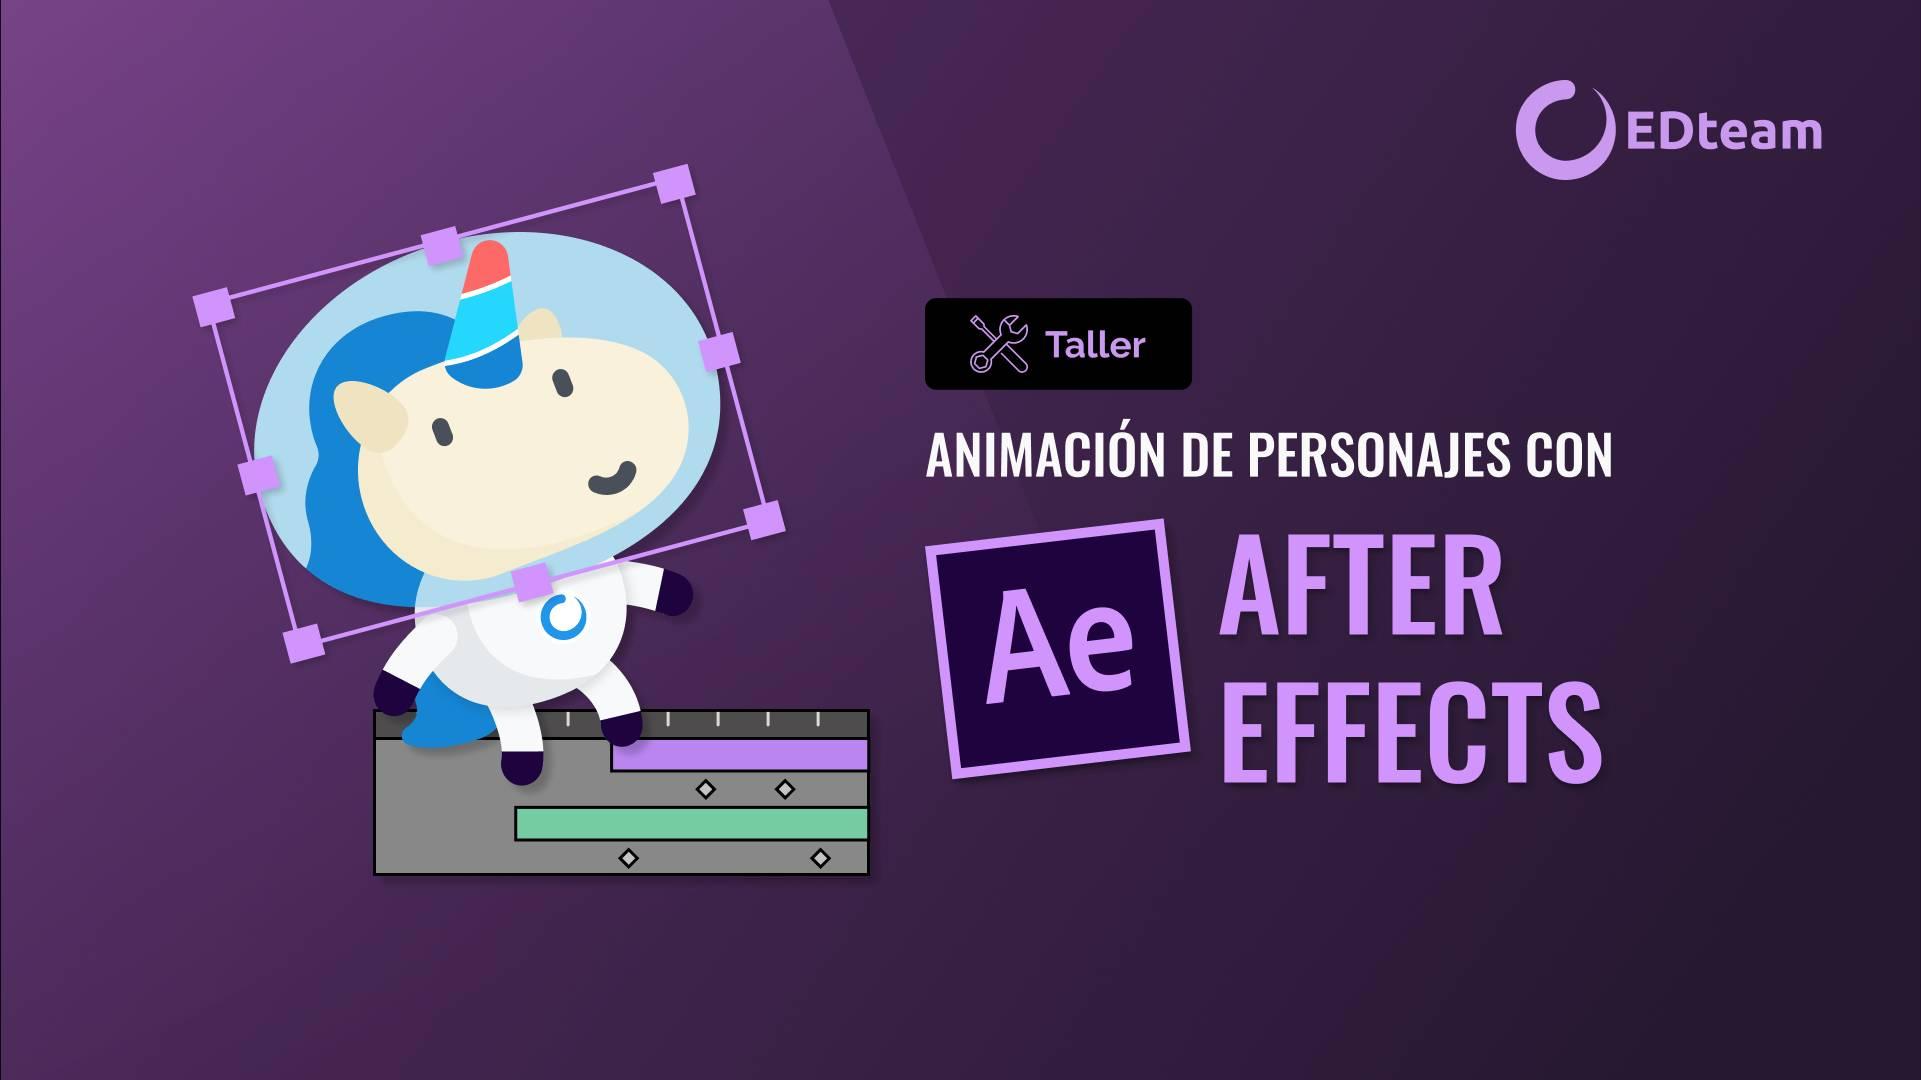 Animación de personajes con After Effects